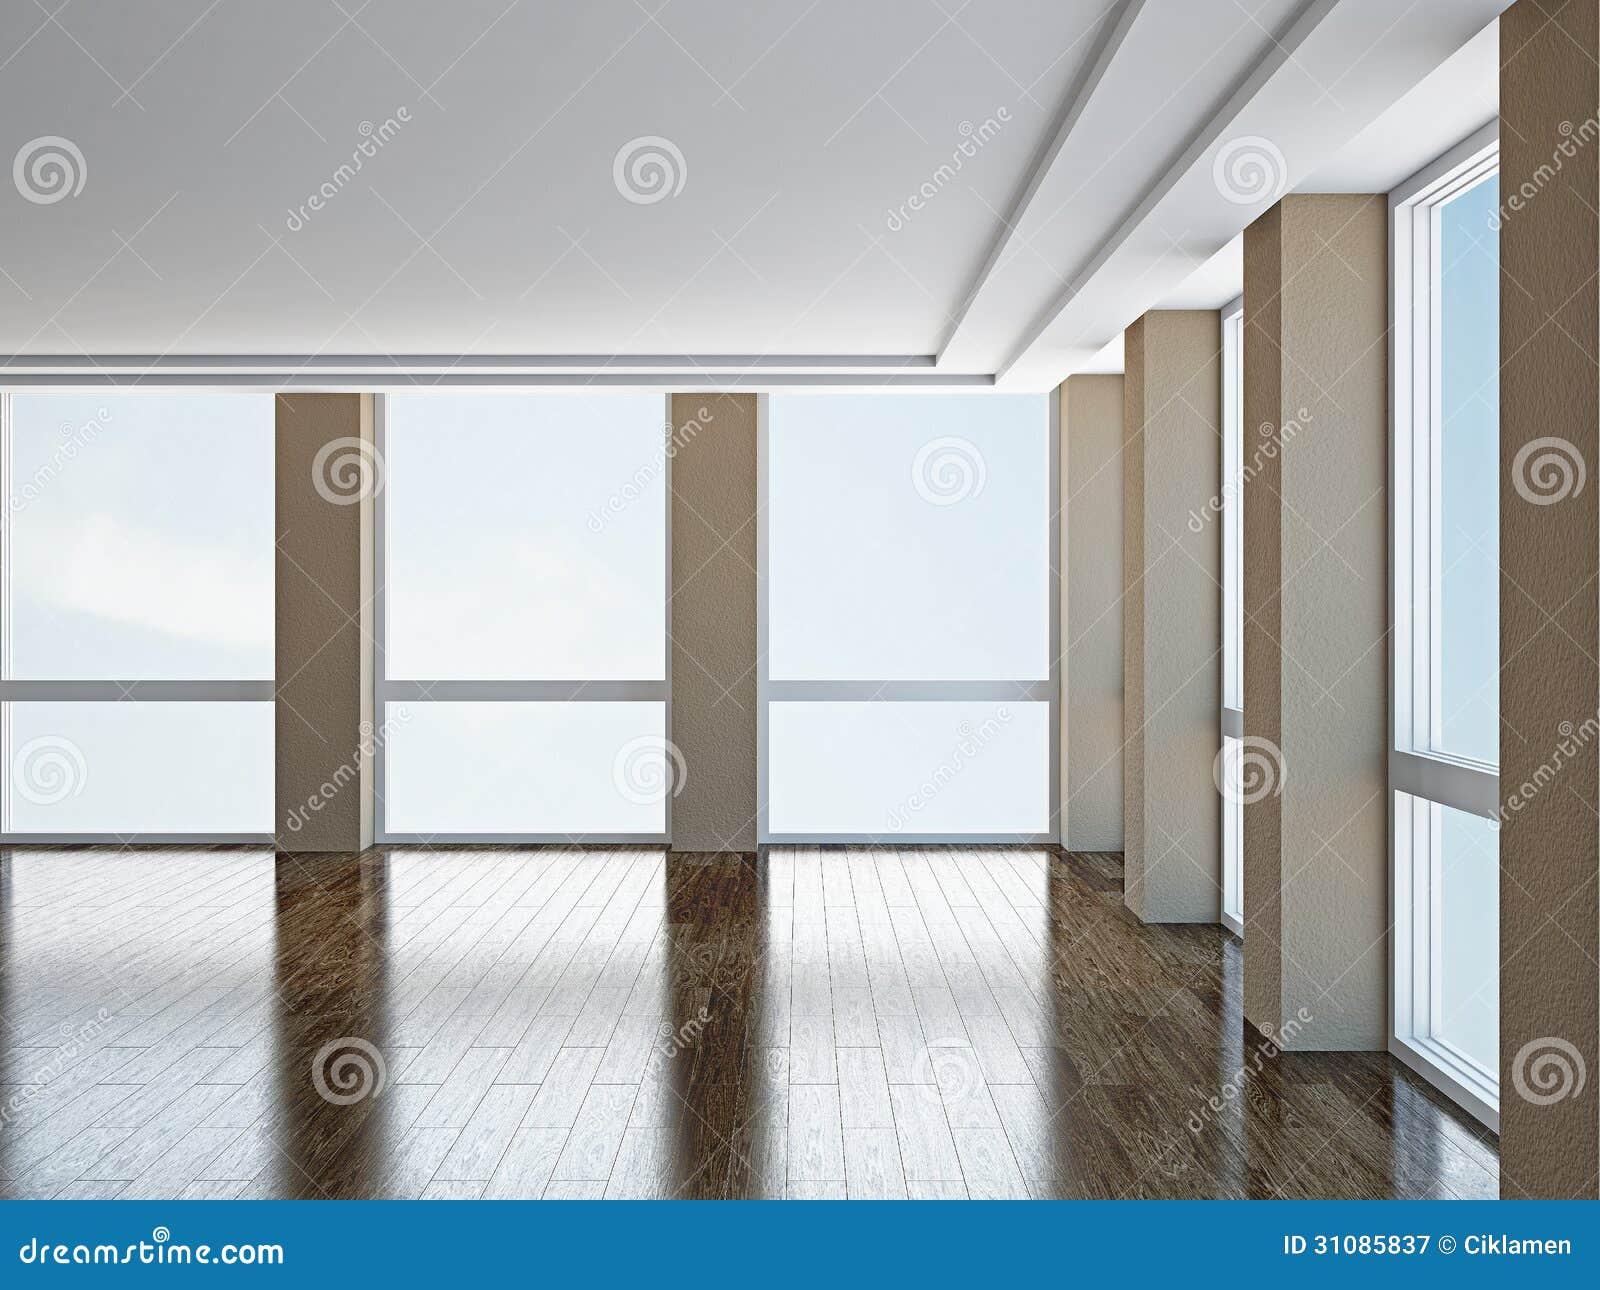 leerer raum mit fenstern lizenzfreie stockfotografie bild 31085837. Black Bedroom Furniture Sets. Home Design Ideas